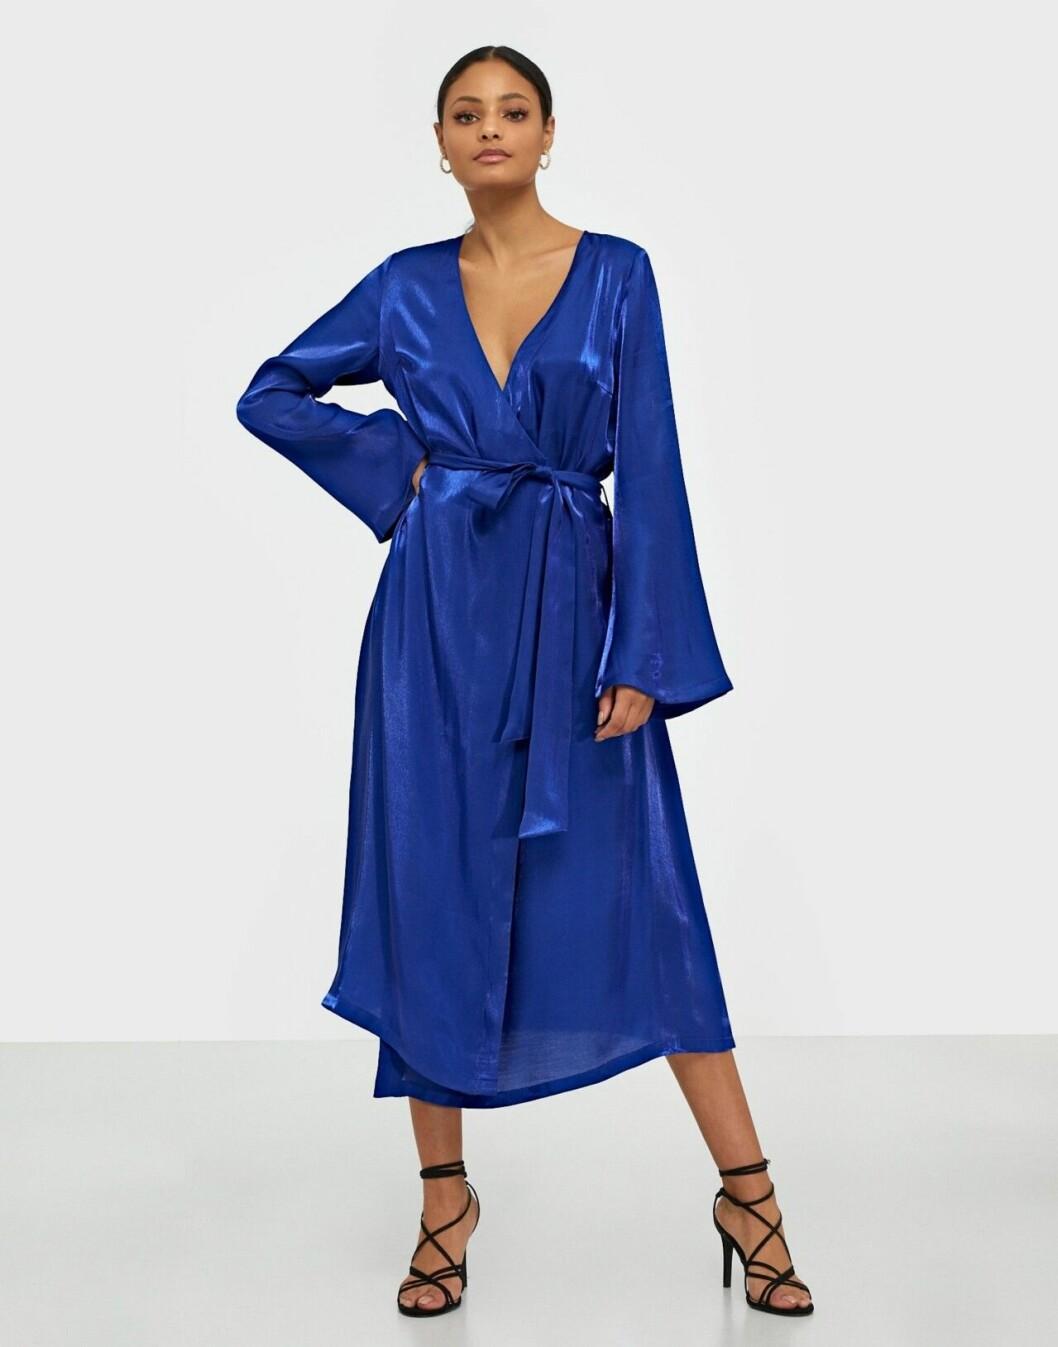 Blå klänning i omlottmodell med lång ärm till bröllopet 2020